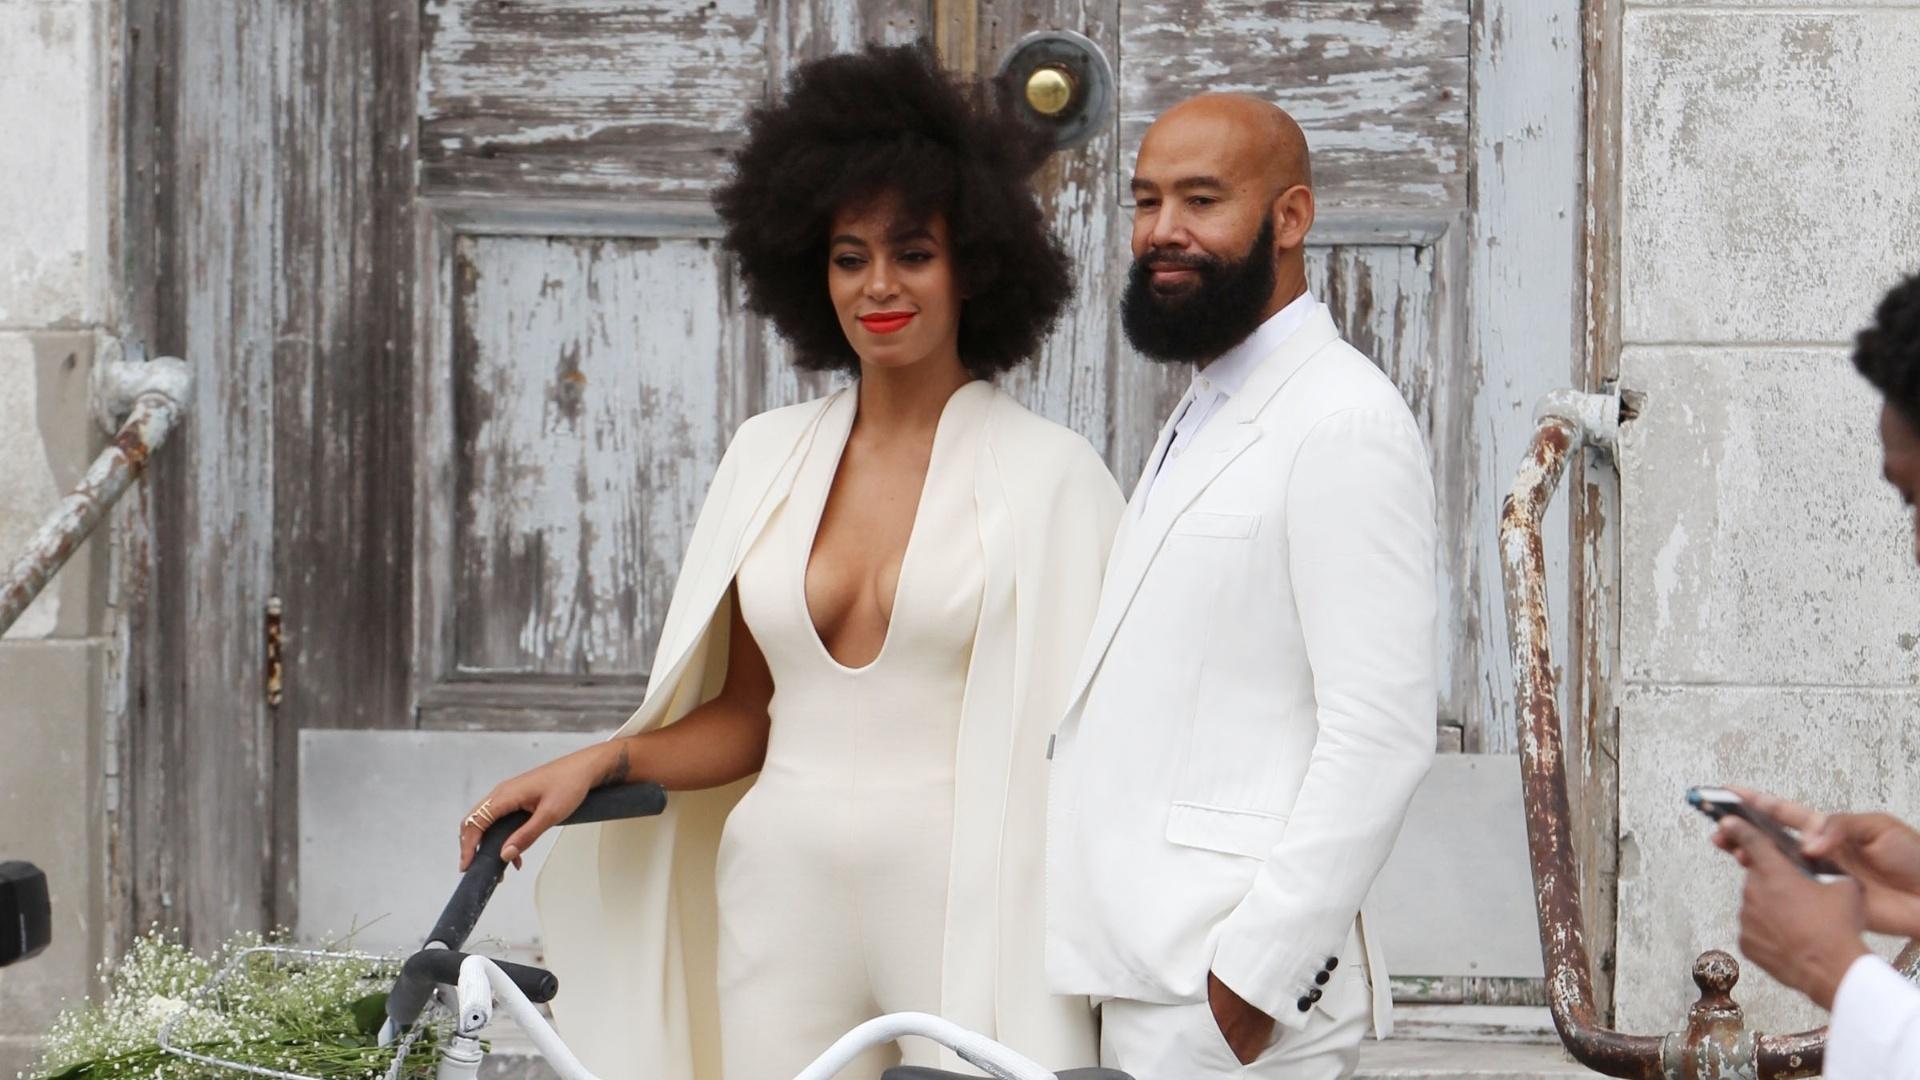 16.nov.2014 - A cantora Solange Knowles e o diretor Alan Ferguson posam com as bicicletas com que chegaram ao casamento, na cidade norte-americana de Nova Orleans